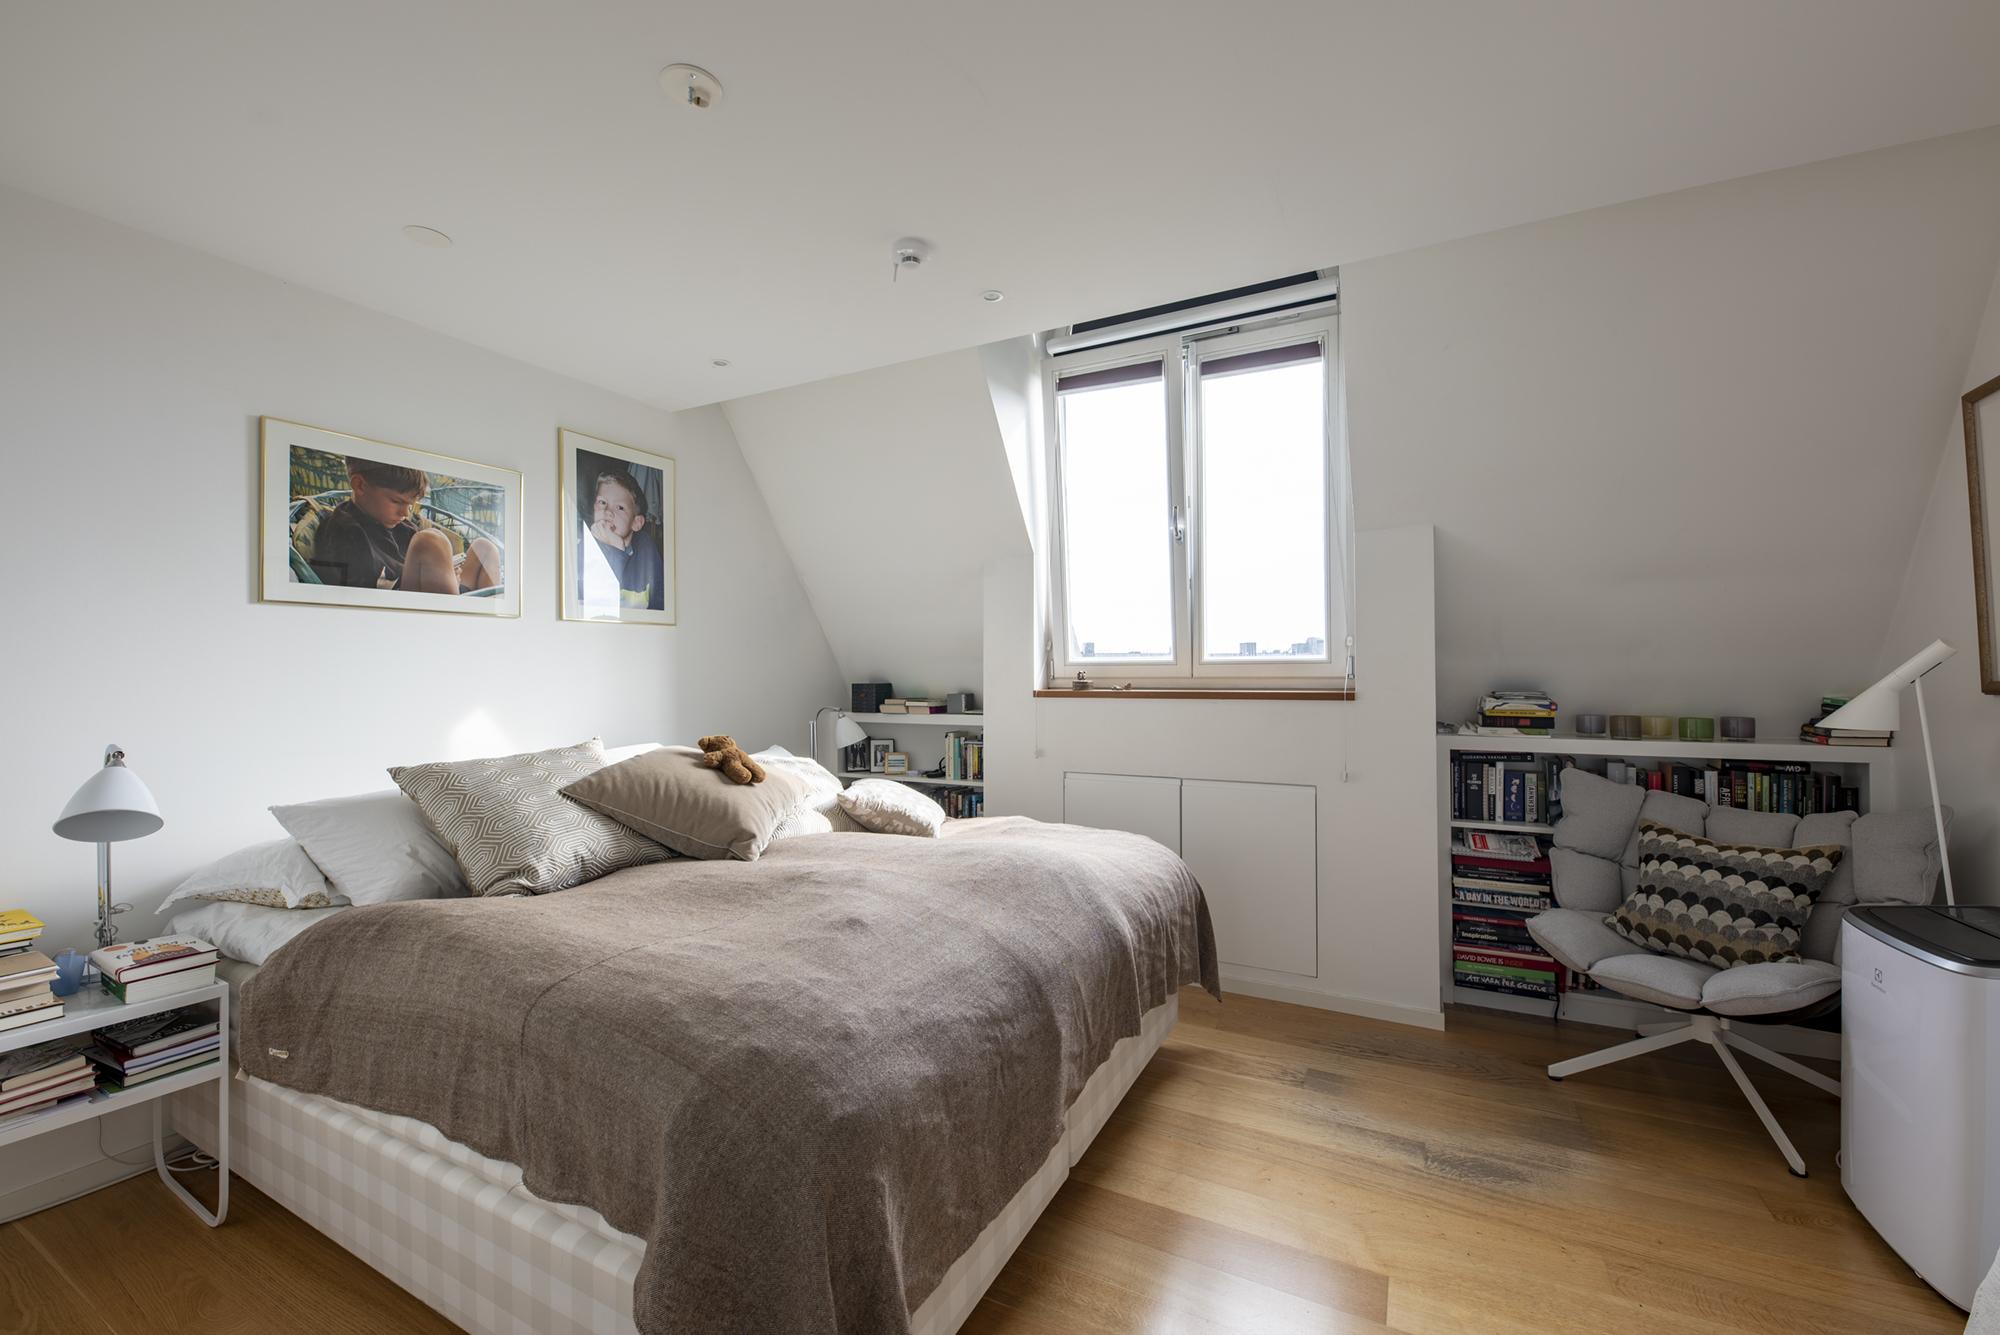 Master bedroom med platsbyggda bokhyllor och dold förvaring i kattvinden